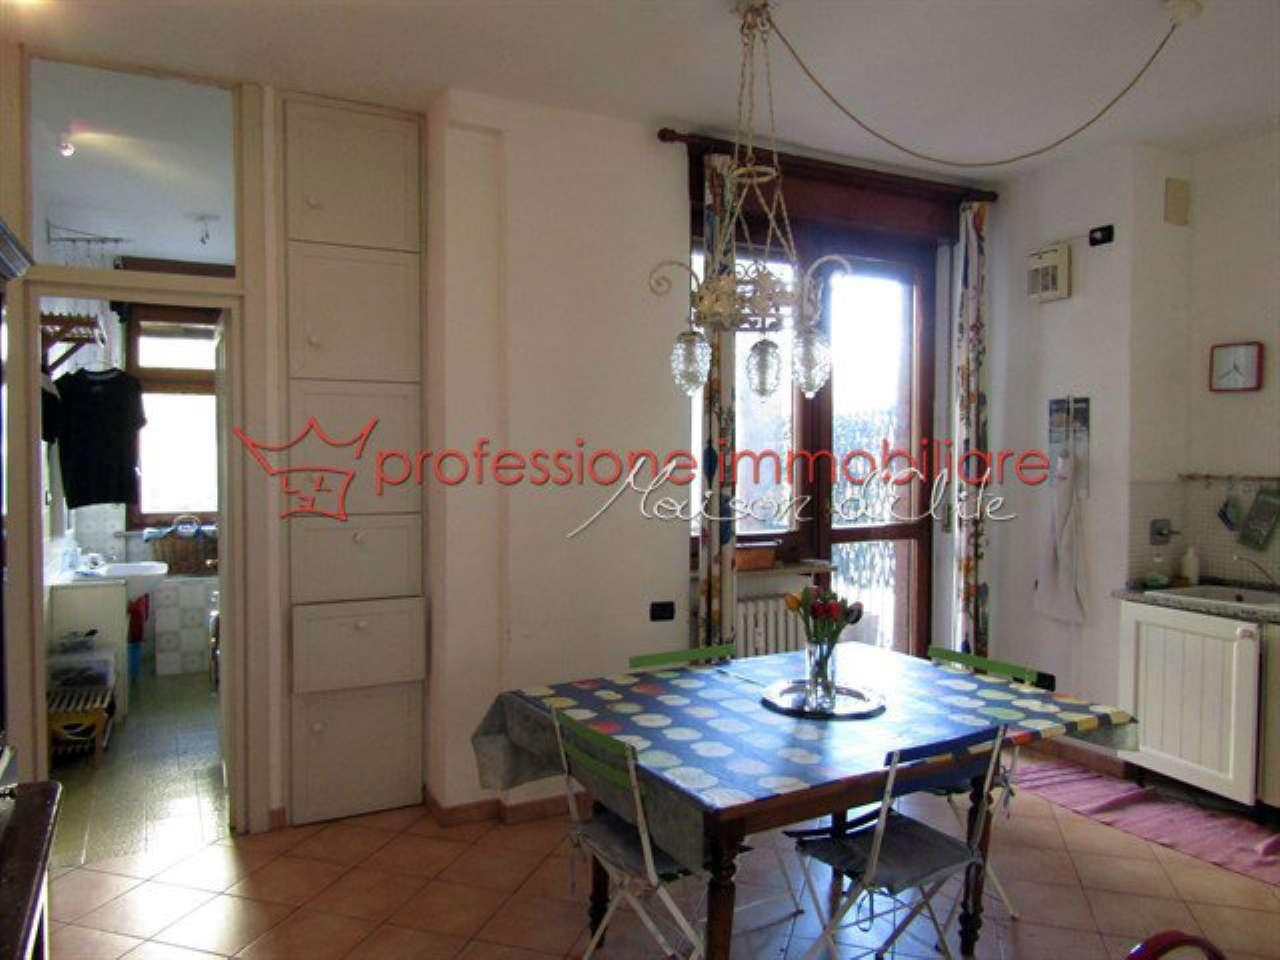 Foto 10 di Appartamento corso Francia, Torino (zona Cit Turin, San Donato, Campidoglio)